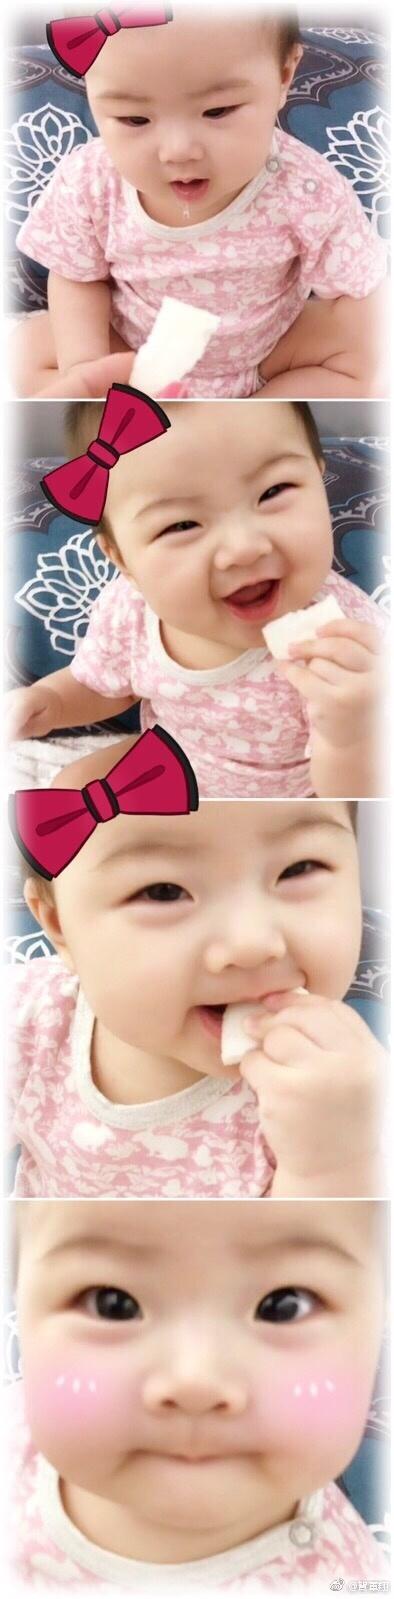 贺军翔女儿可爱照片